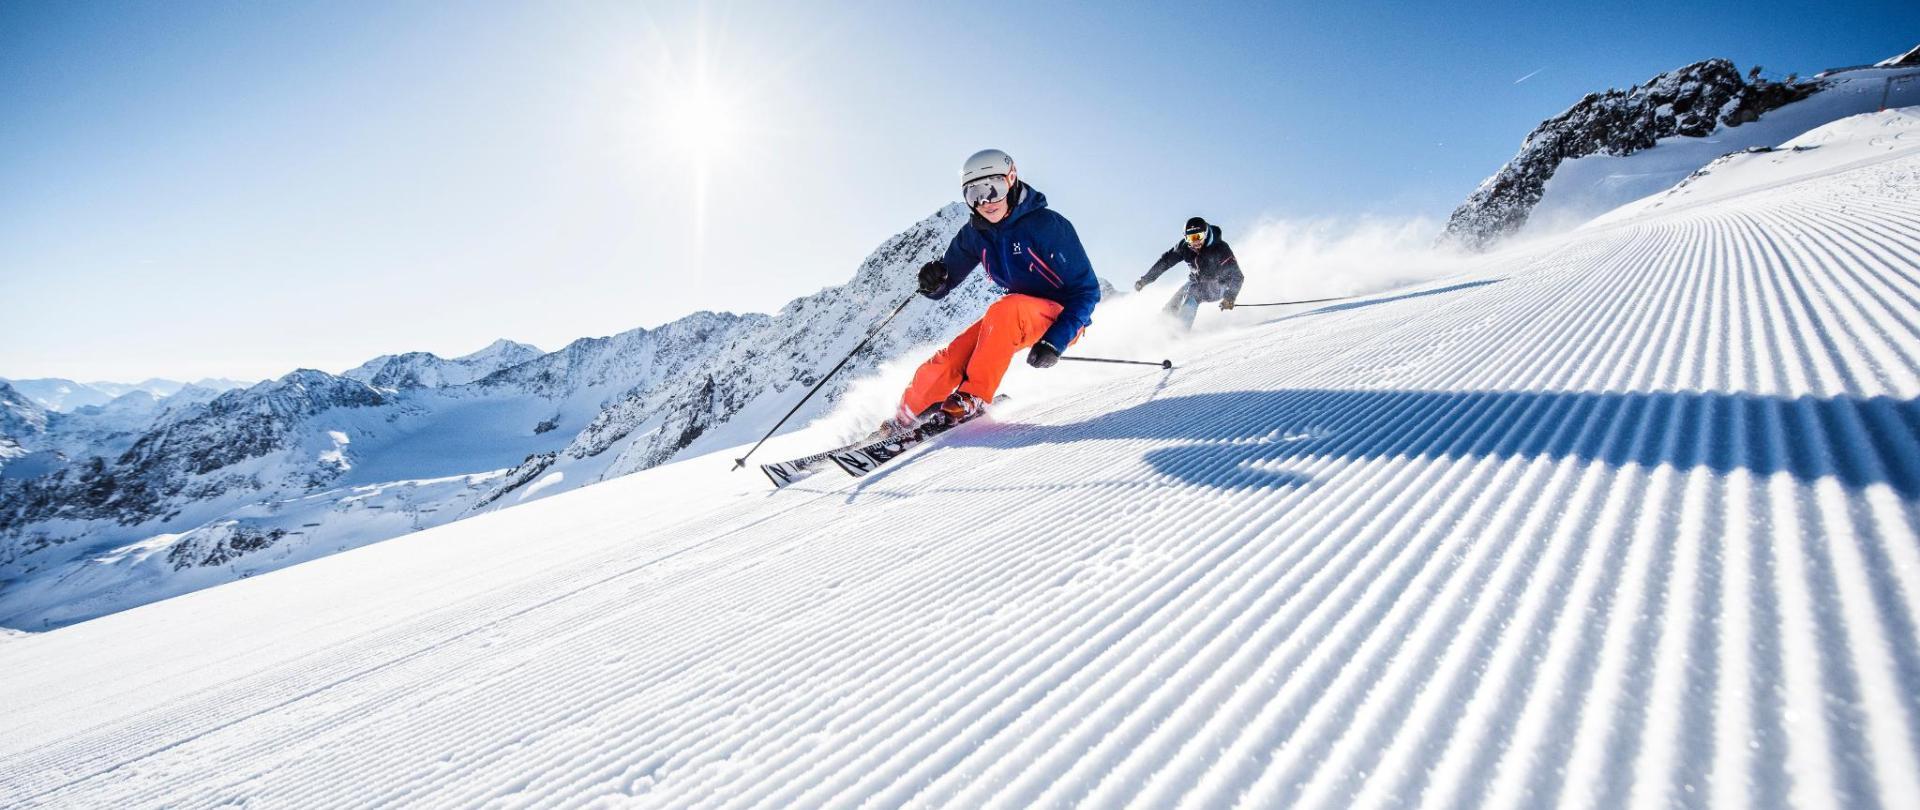 Skifahren_Stubaier_Gletscher04_-c-_Andre_Schoenherr.jpg